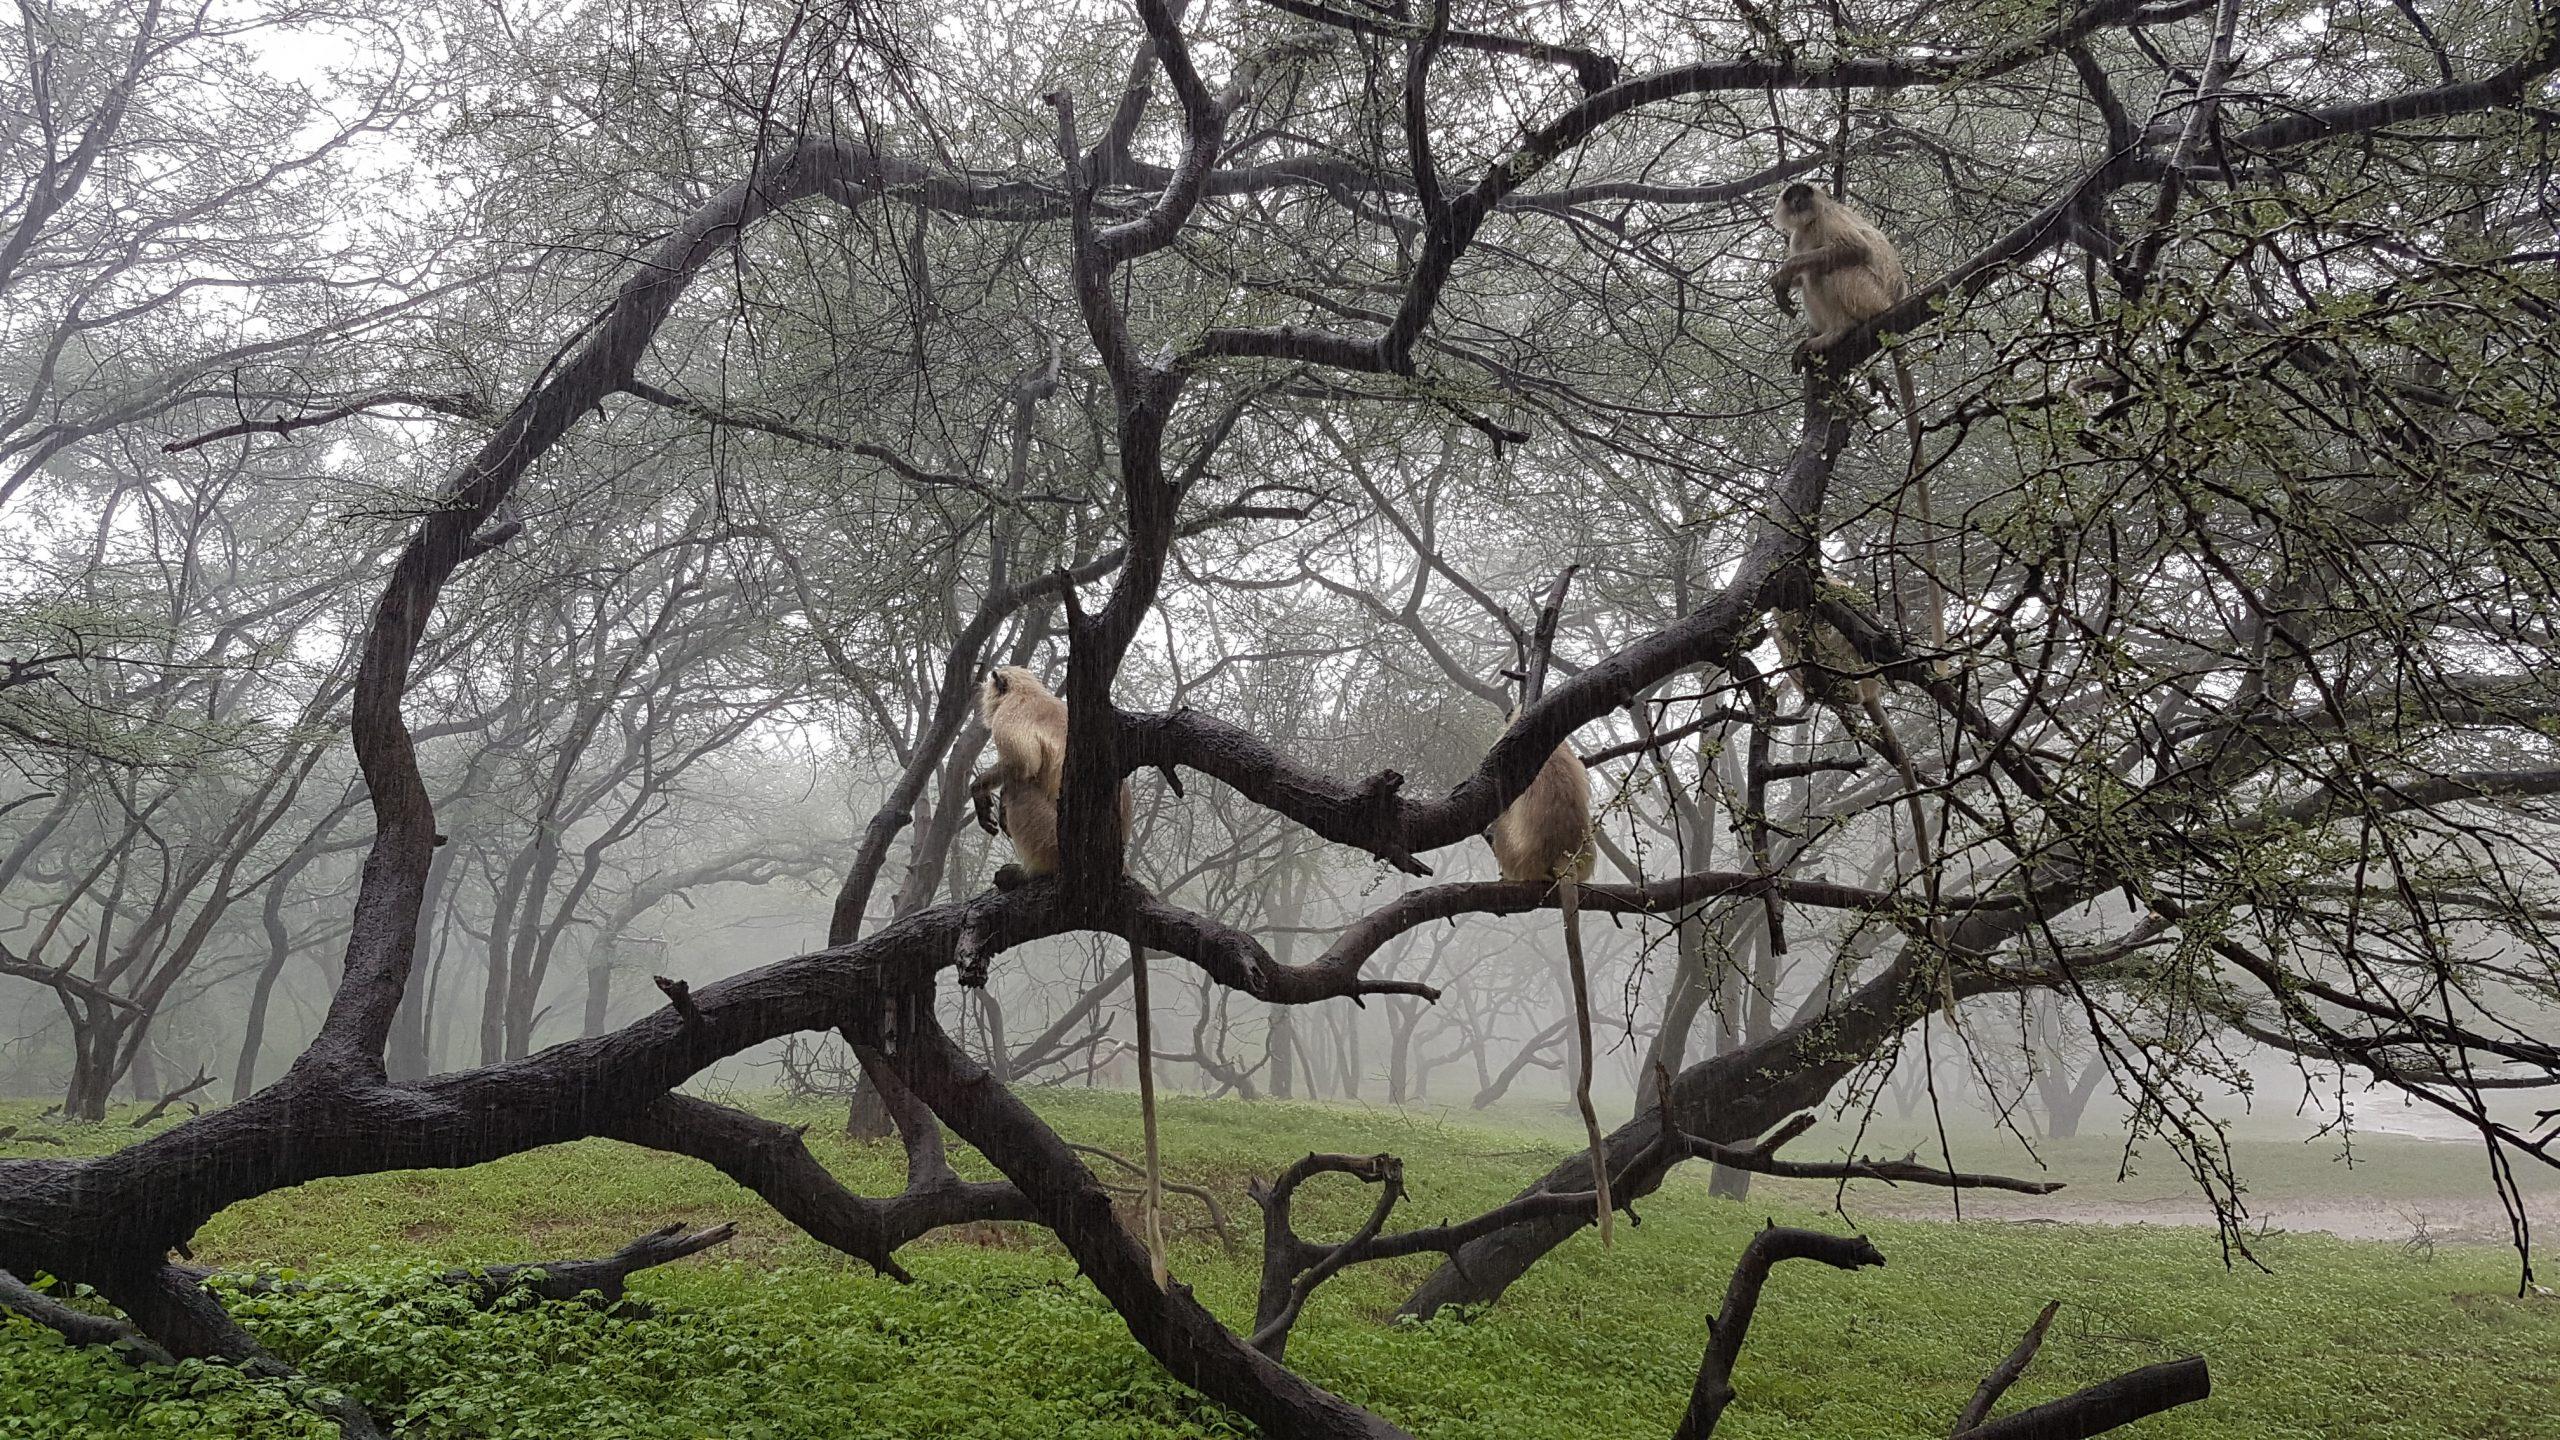 monkeys sitting on a tree